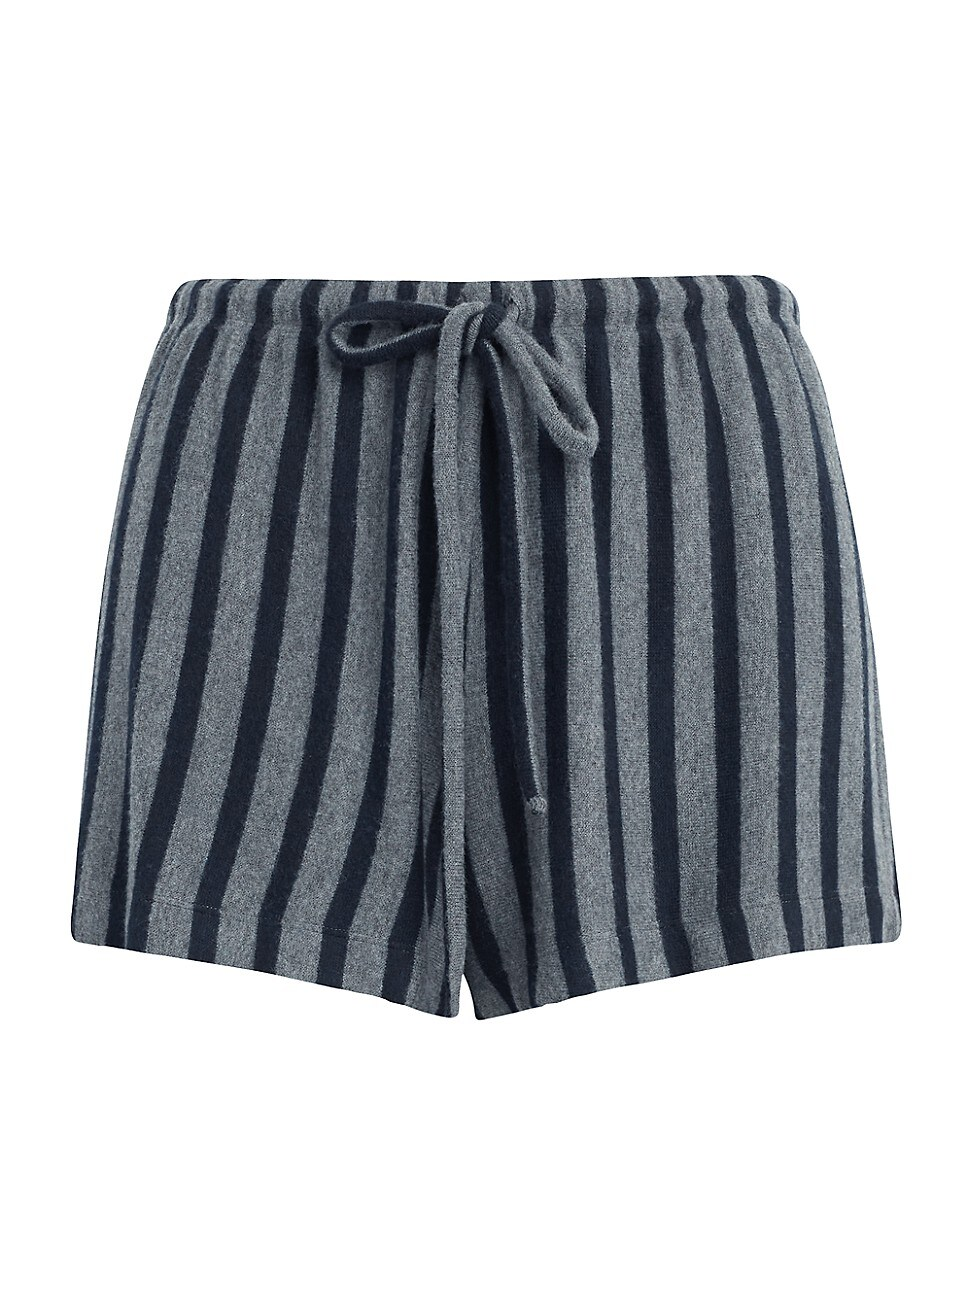 Leset Shorts WOMEN'S LORI STRIPED SHORTS